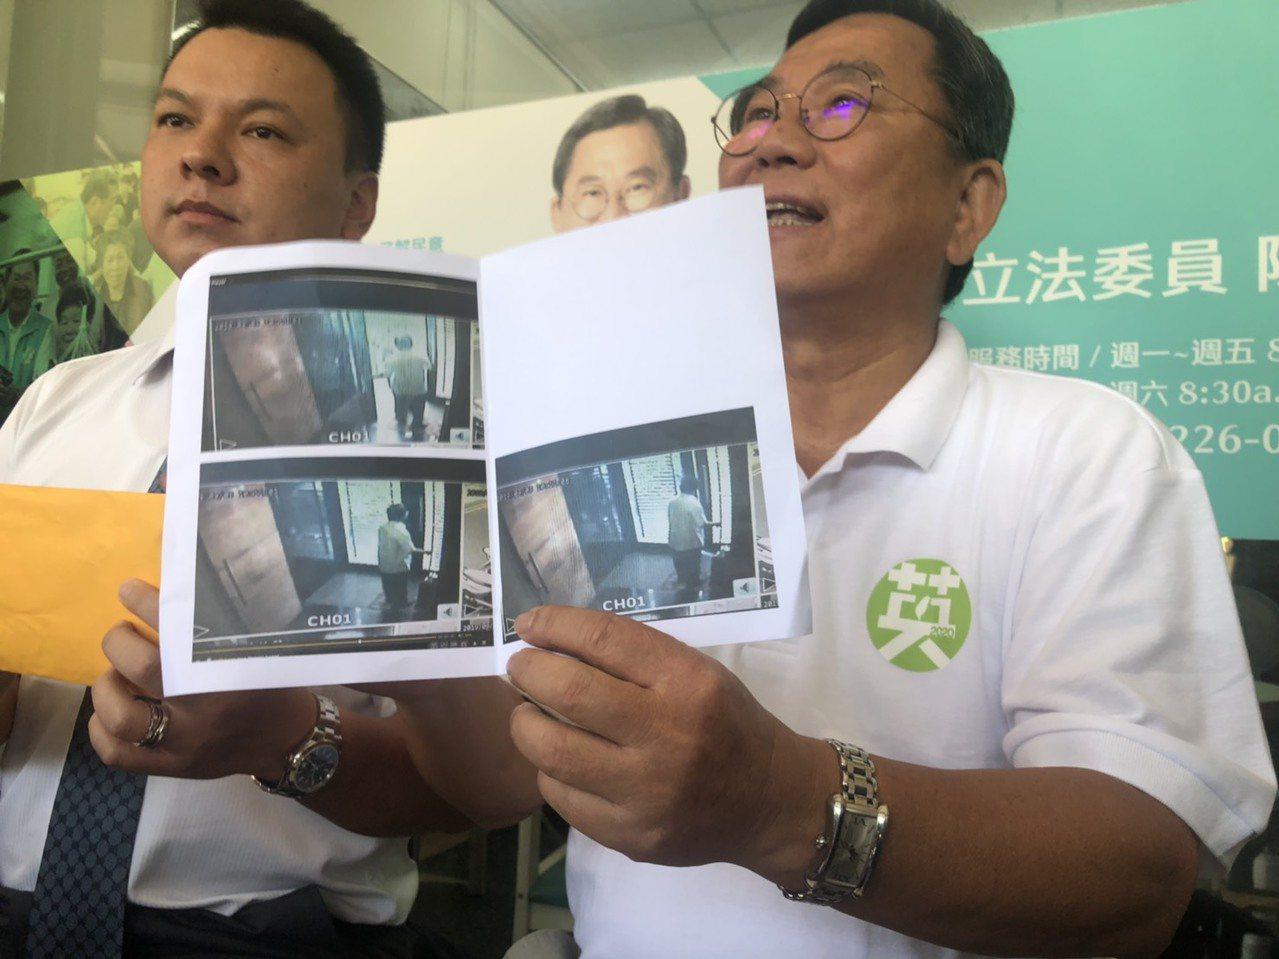 立法委員陳明文(右)日前召開記者會,出示家中監視器畫面,說明「錢是從我家帶出來的...